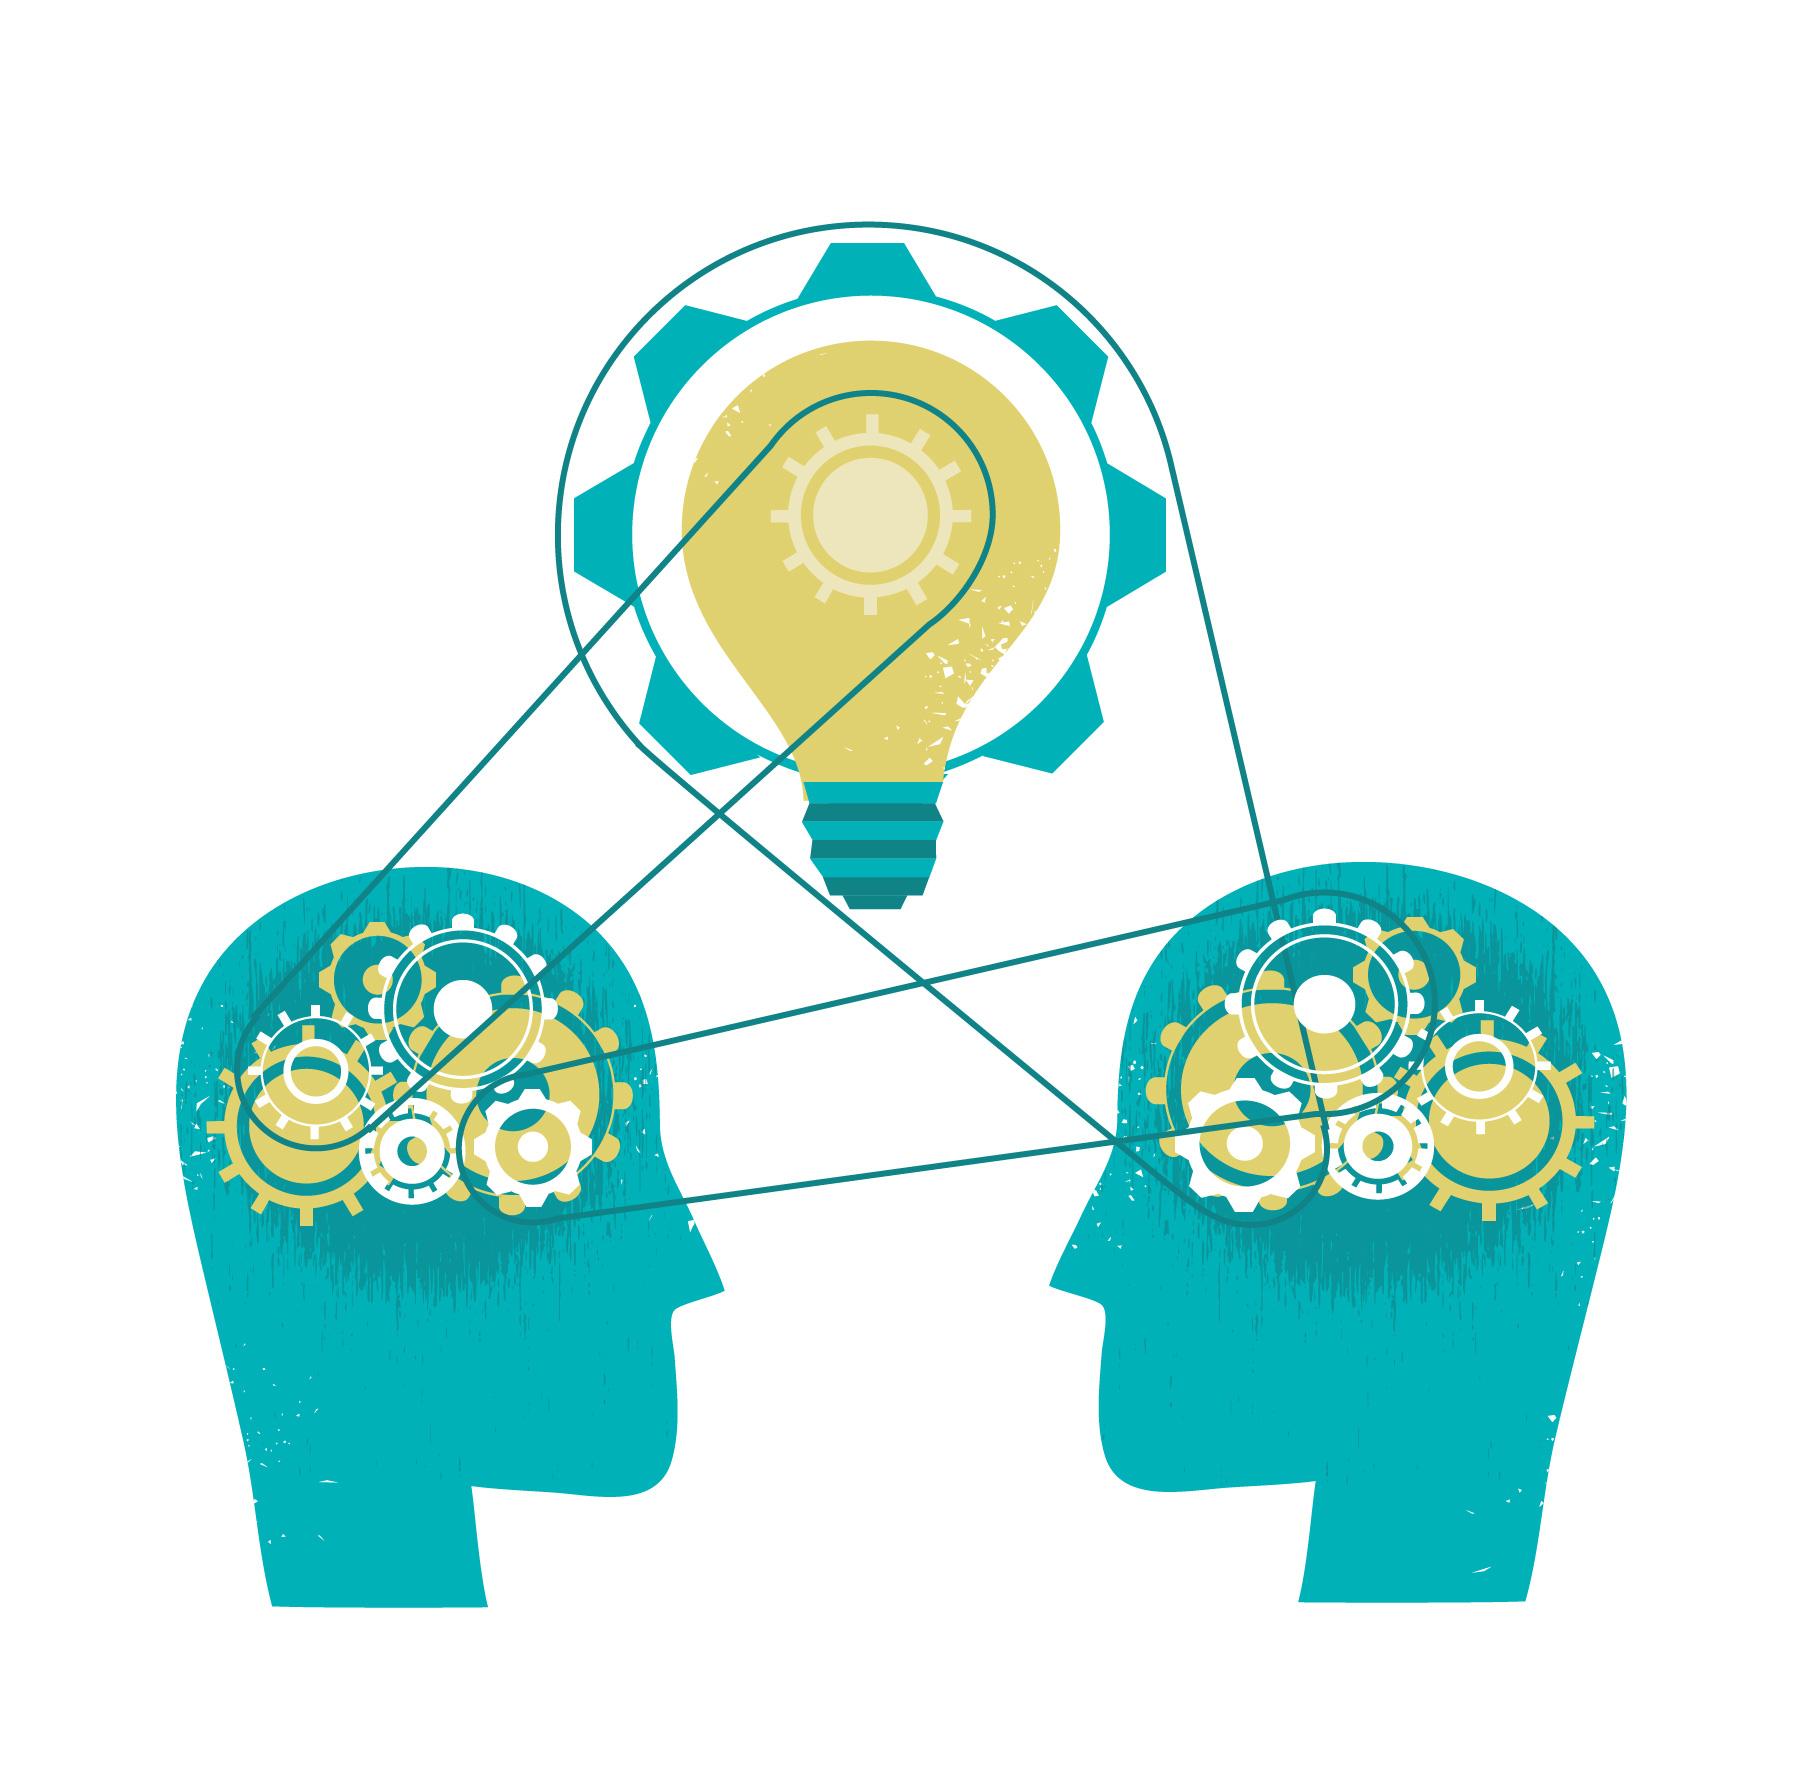 Cooperating Ideas